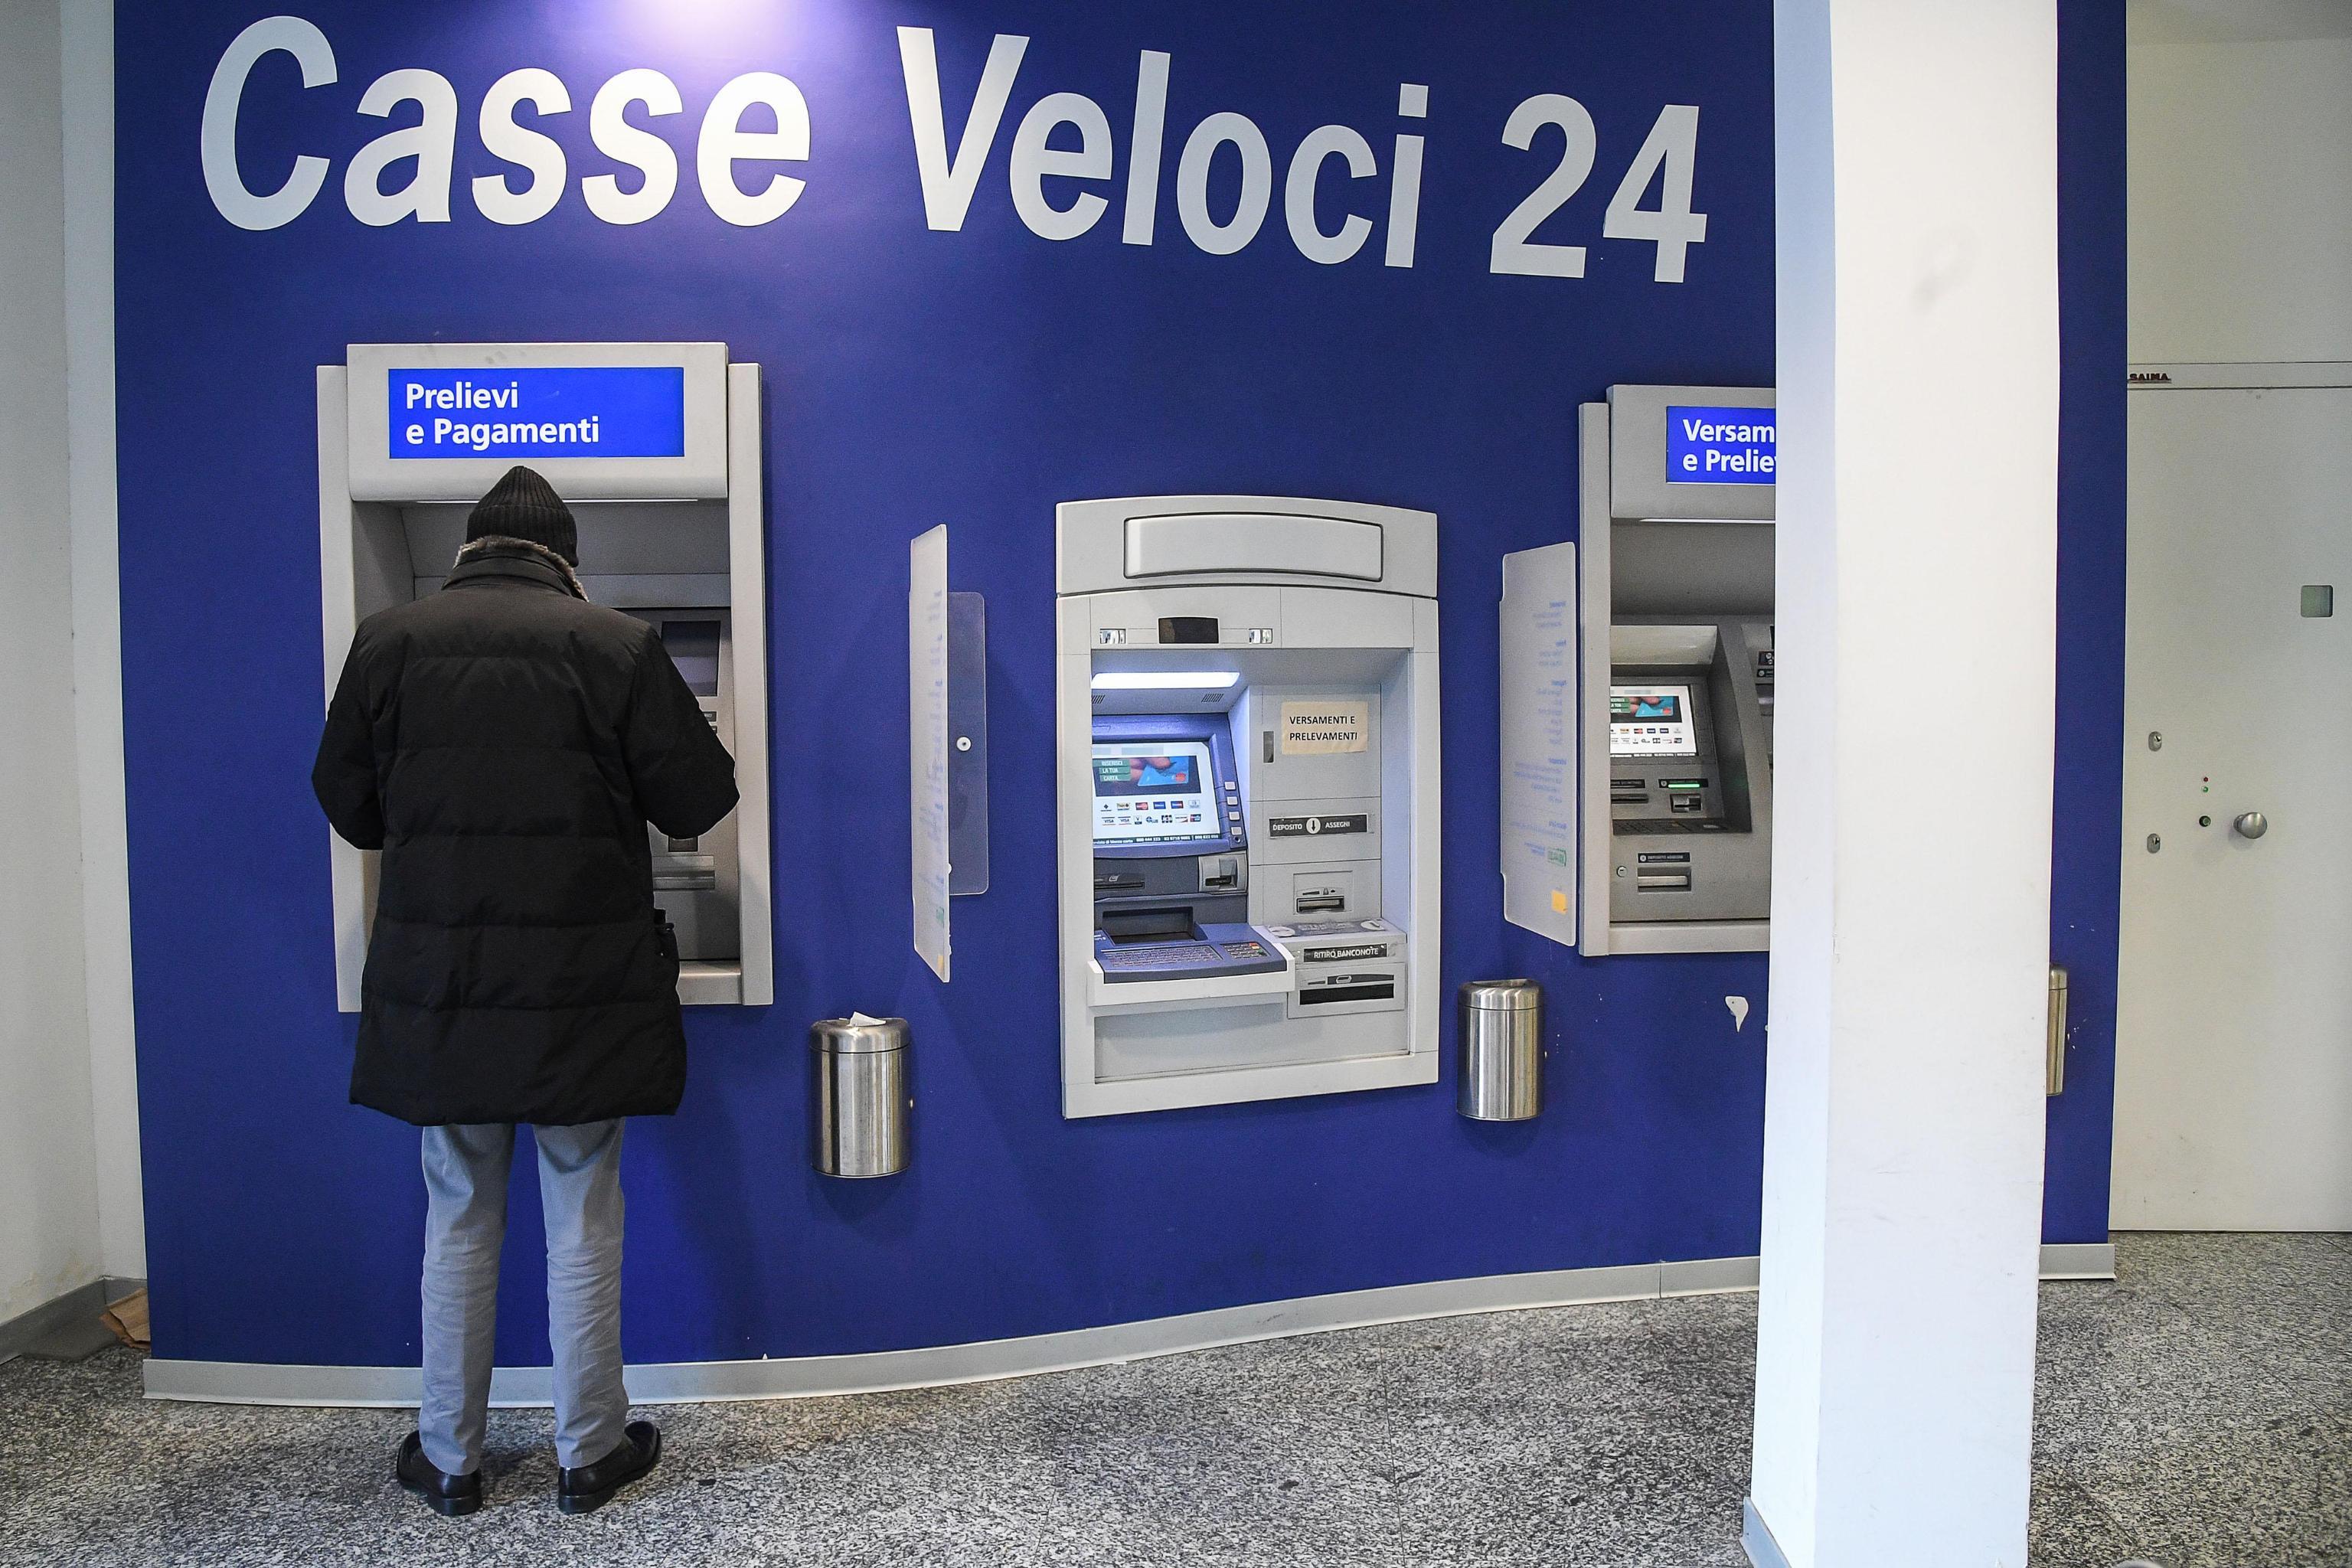 Sospetta la clonazione del bancomat ma scopre il tradimento della moglie